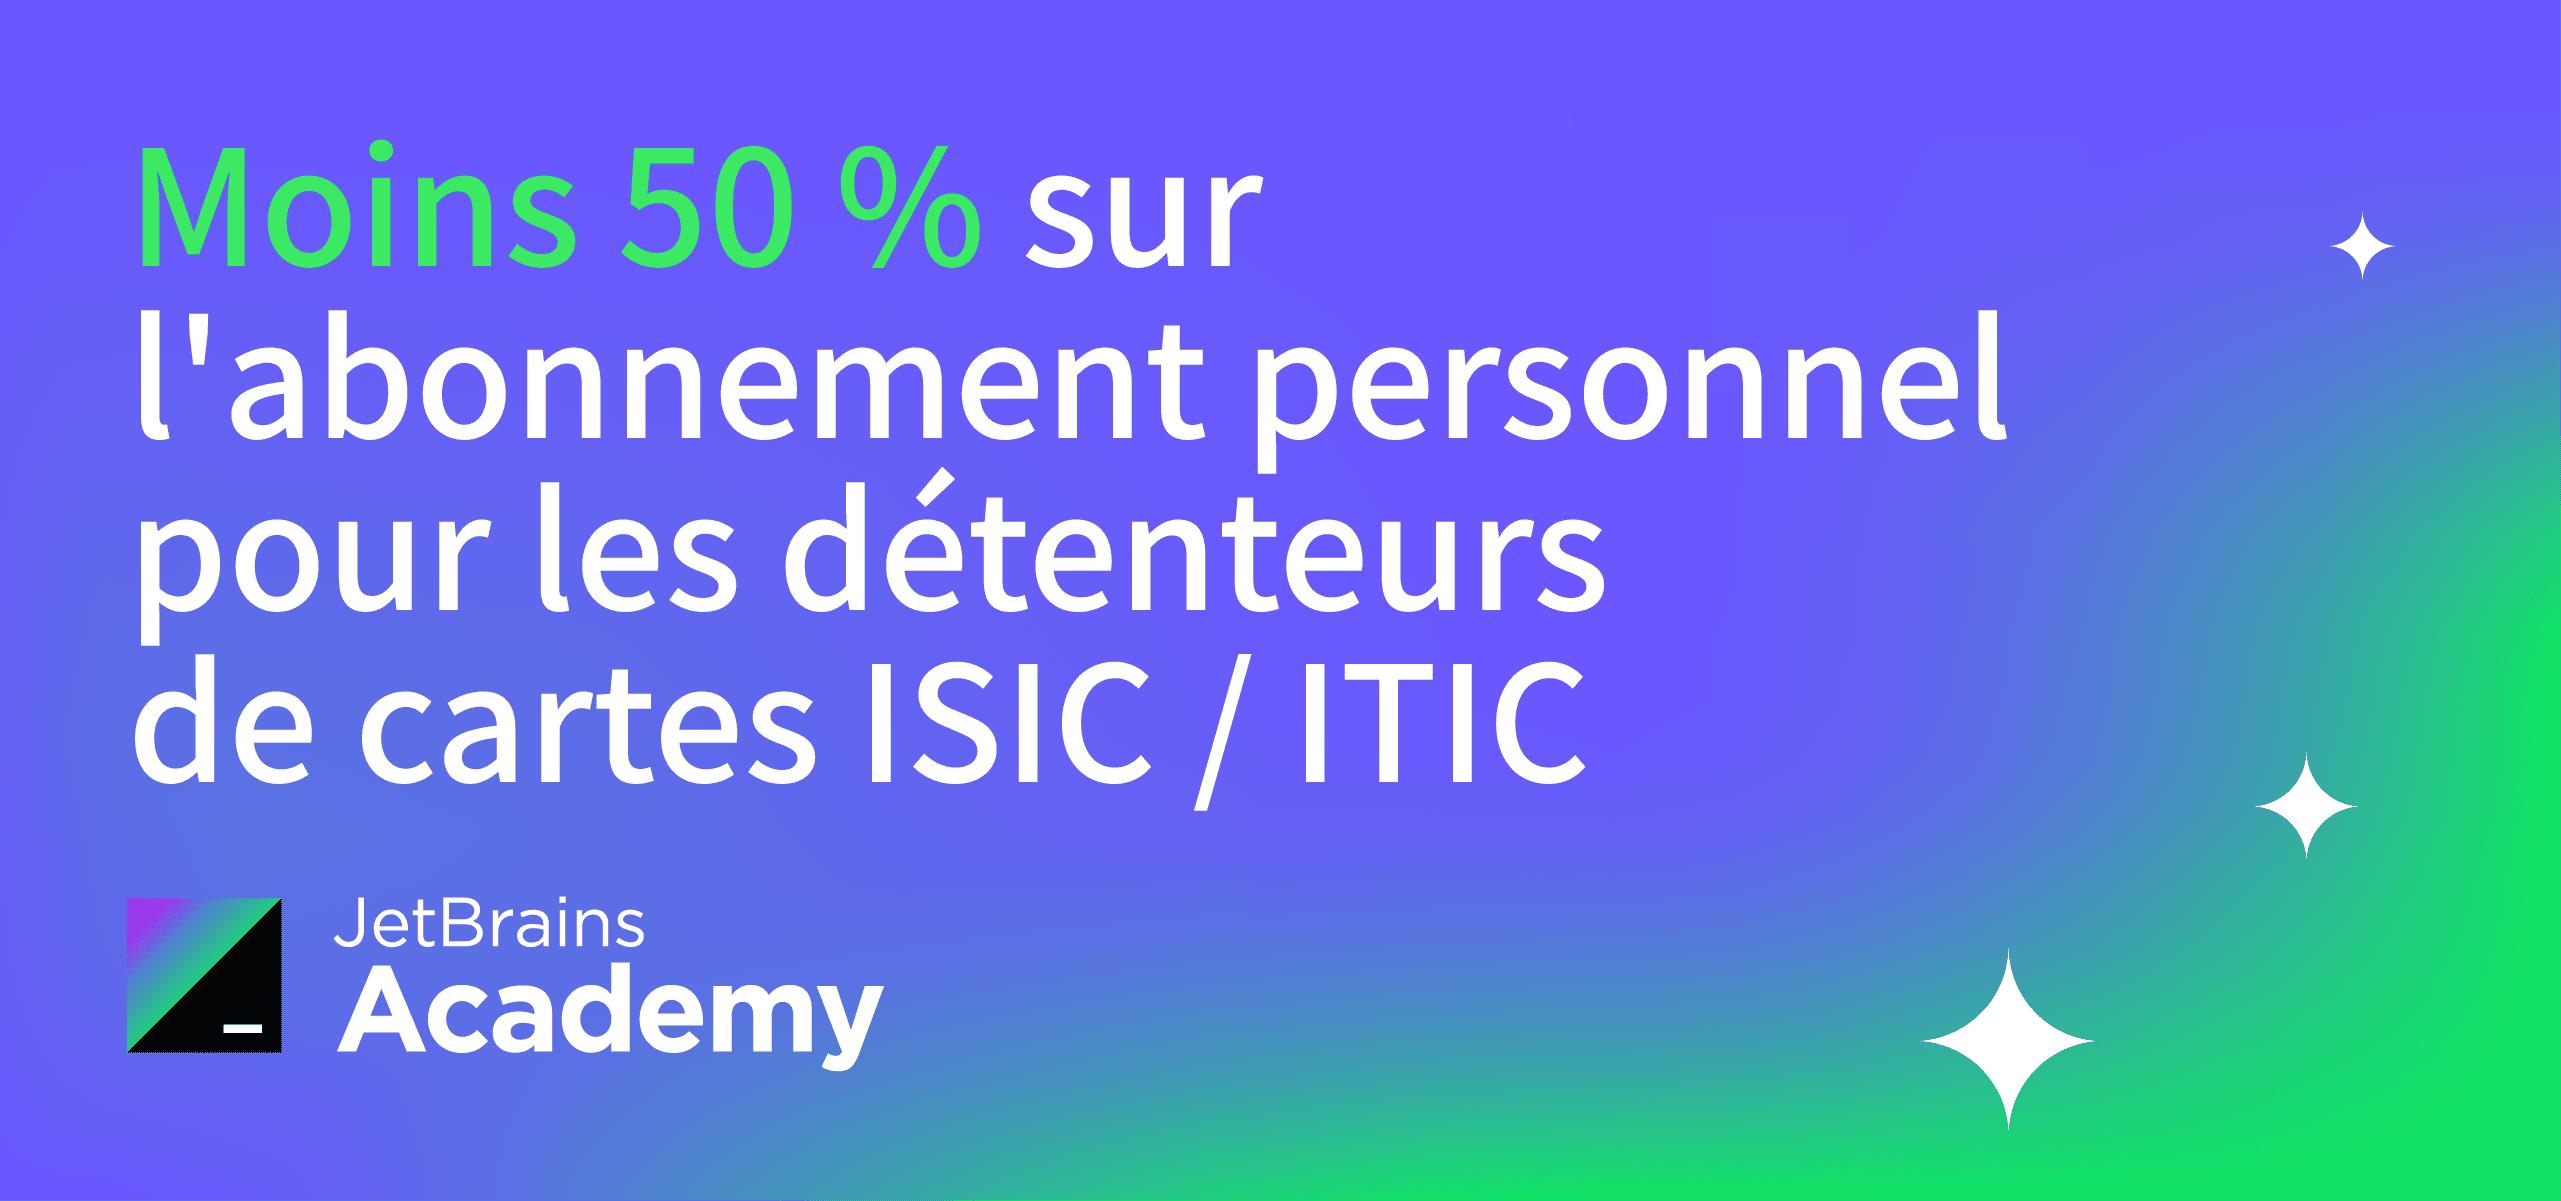 Réduction de 50% sur les abonnements personnels pour les détenteurs de cartes ISIC ou ITIC